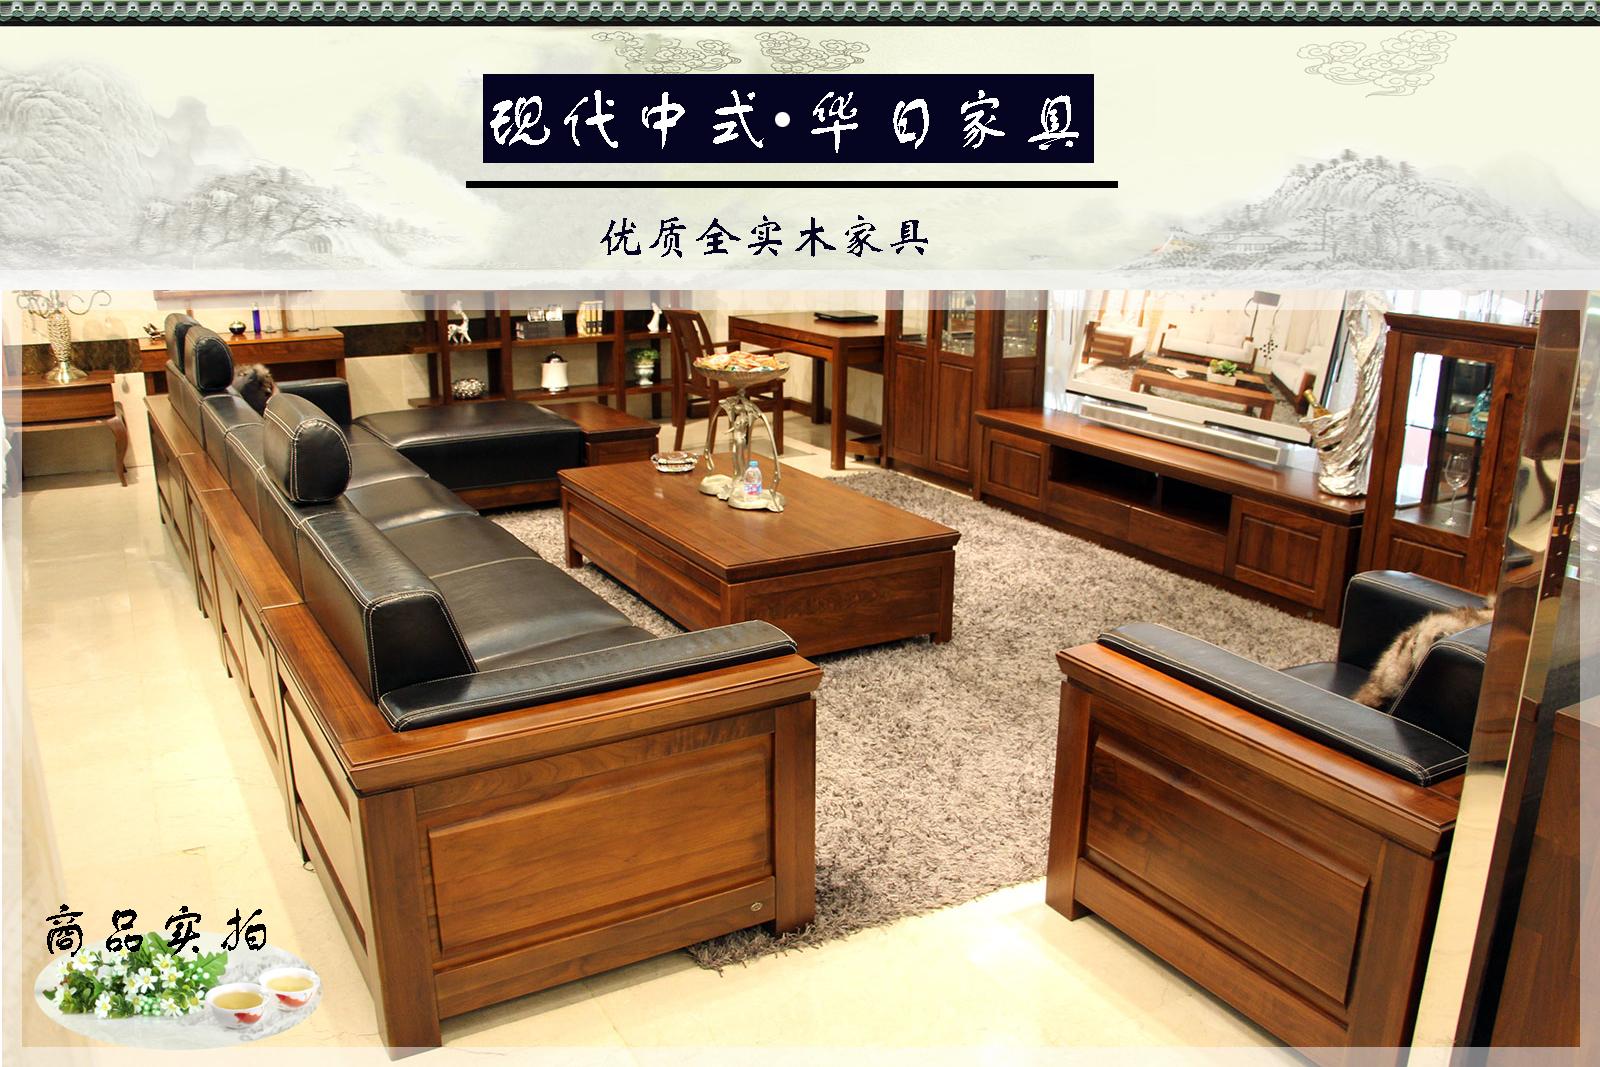 华日现代中式家具 感受高雅尊贵中国风